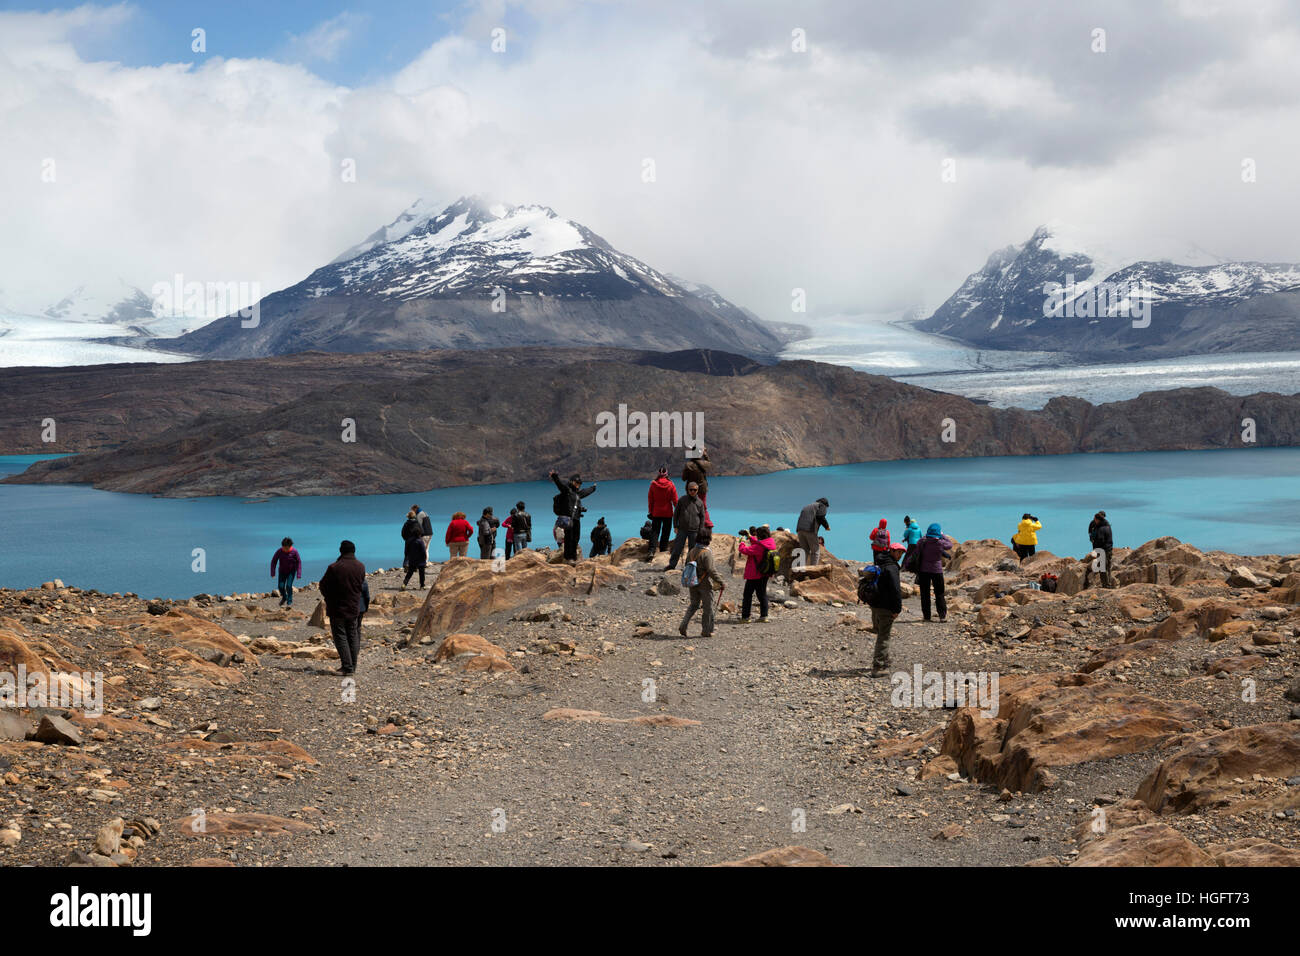 Tourists viewing Upsala Glacier on Lago Argentino, El Calafate, Parque Nacional Los Glaciares, Patagonia, Argentina - Stock Image